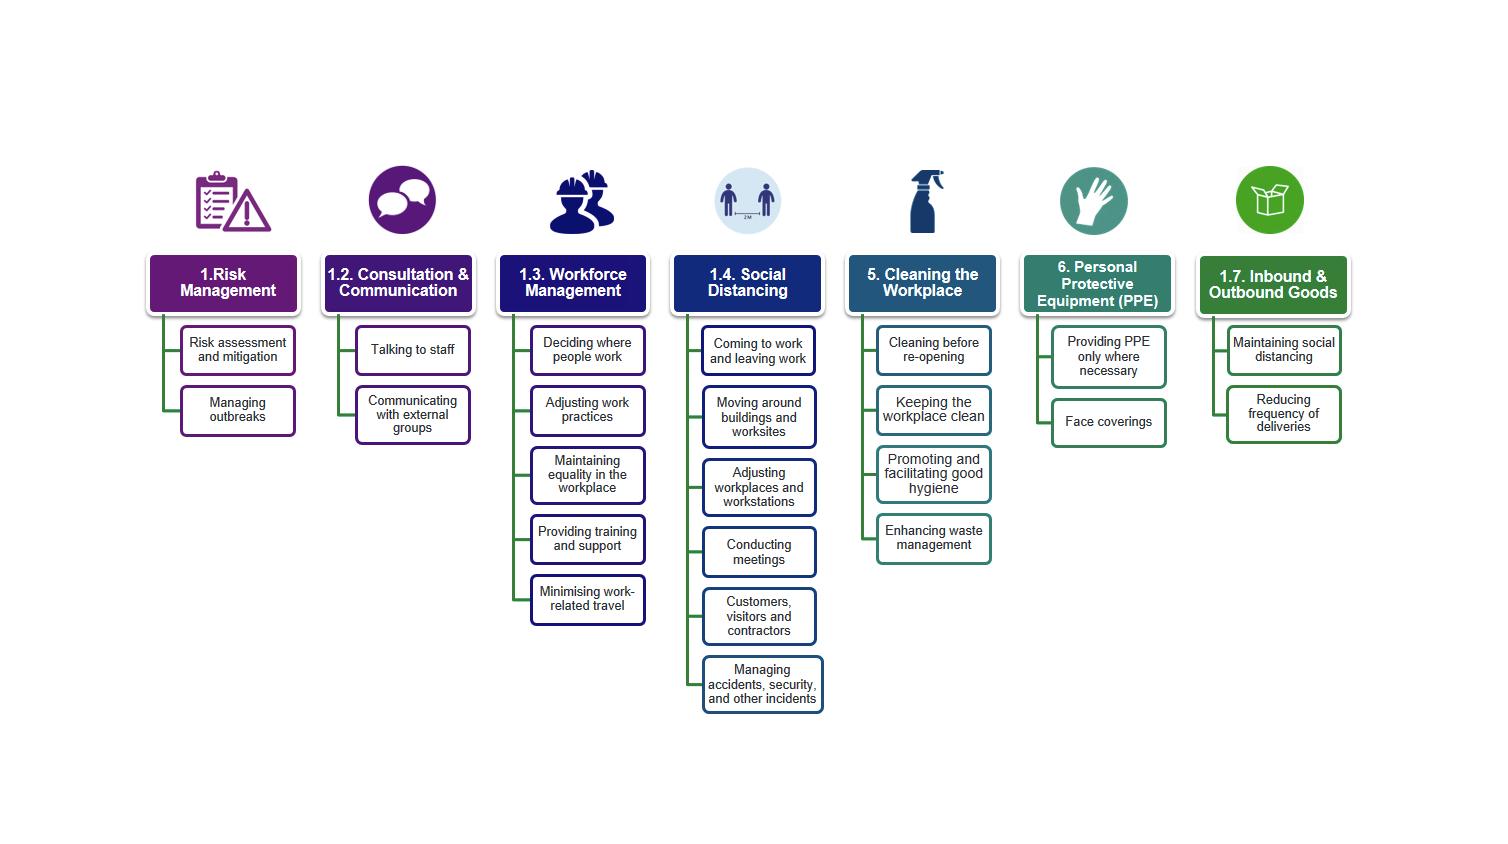 COVID-19 Workplace Checklist